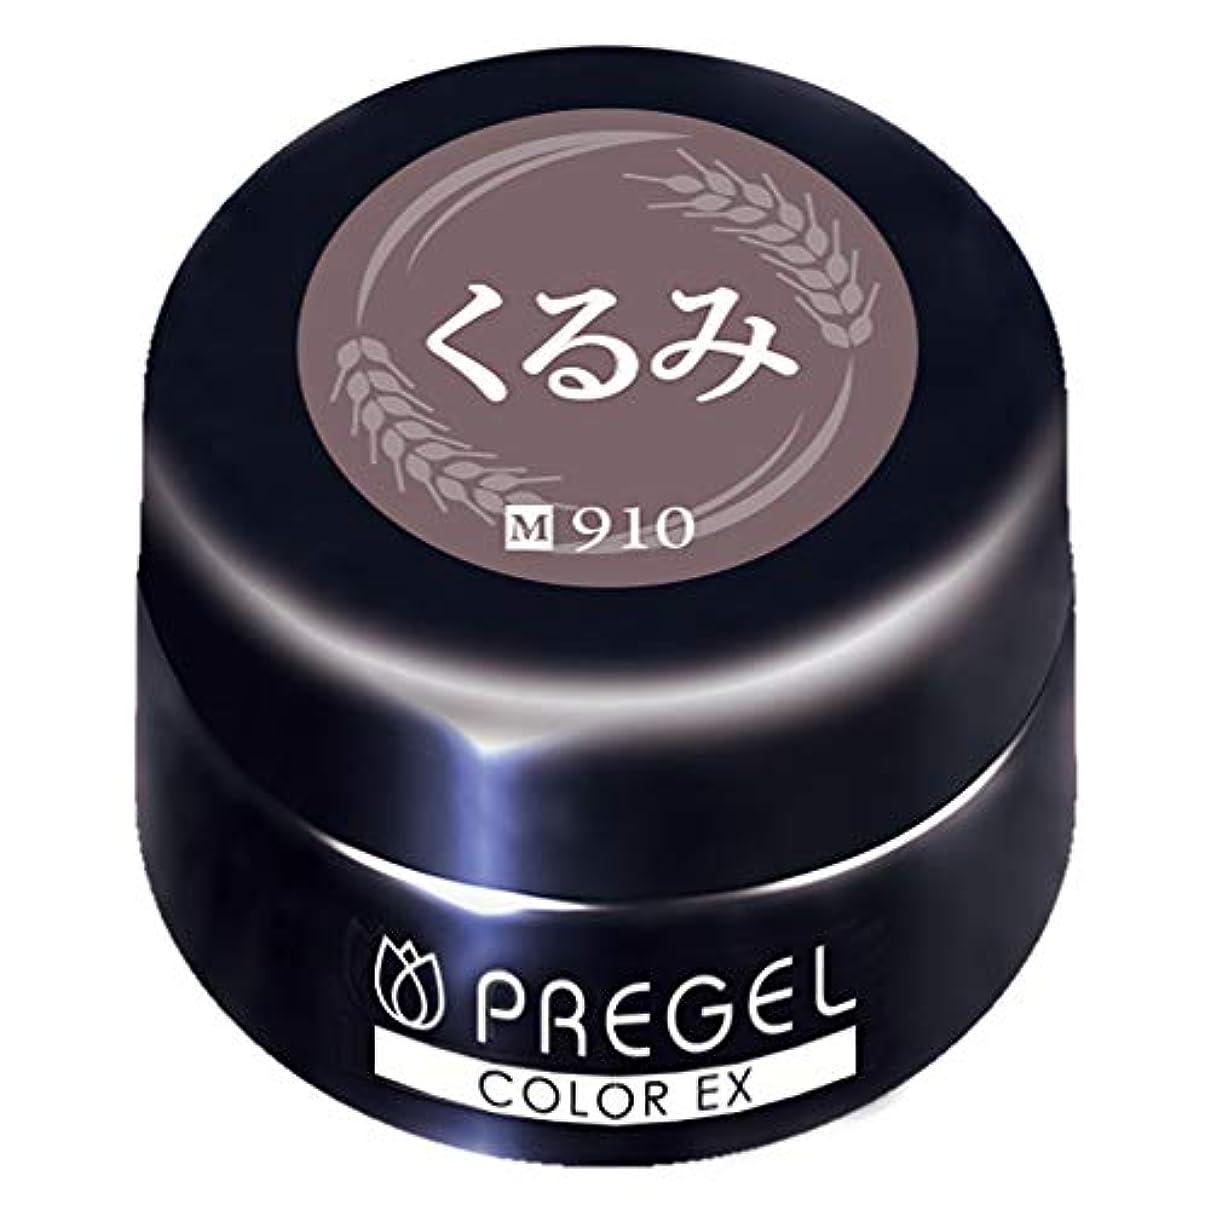 ナラーバーアルコール侮辱PRE GEL(プリジェル) カラーEX くるみ 3g PG-CE910 UV/LED対応